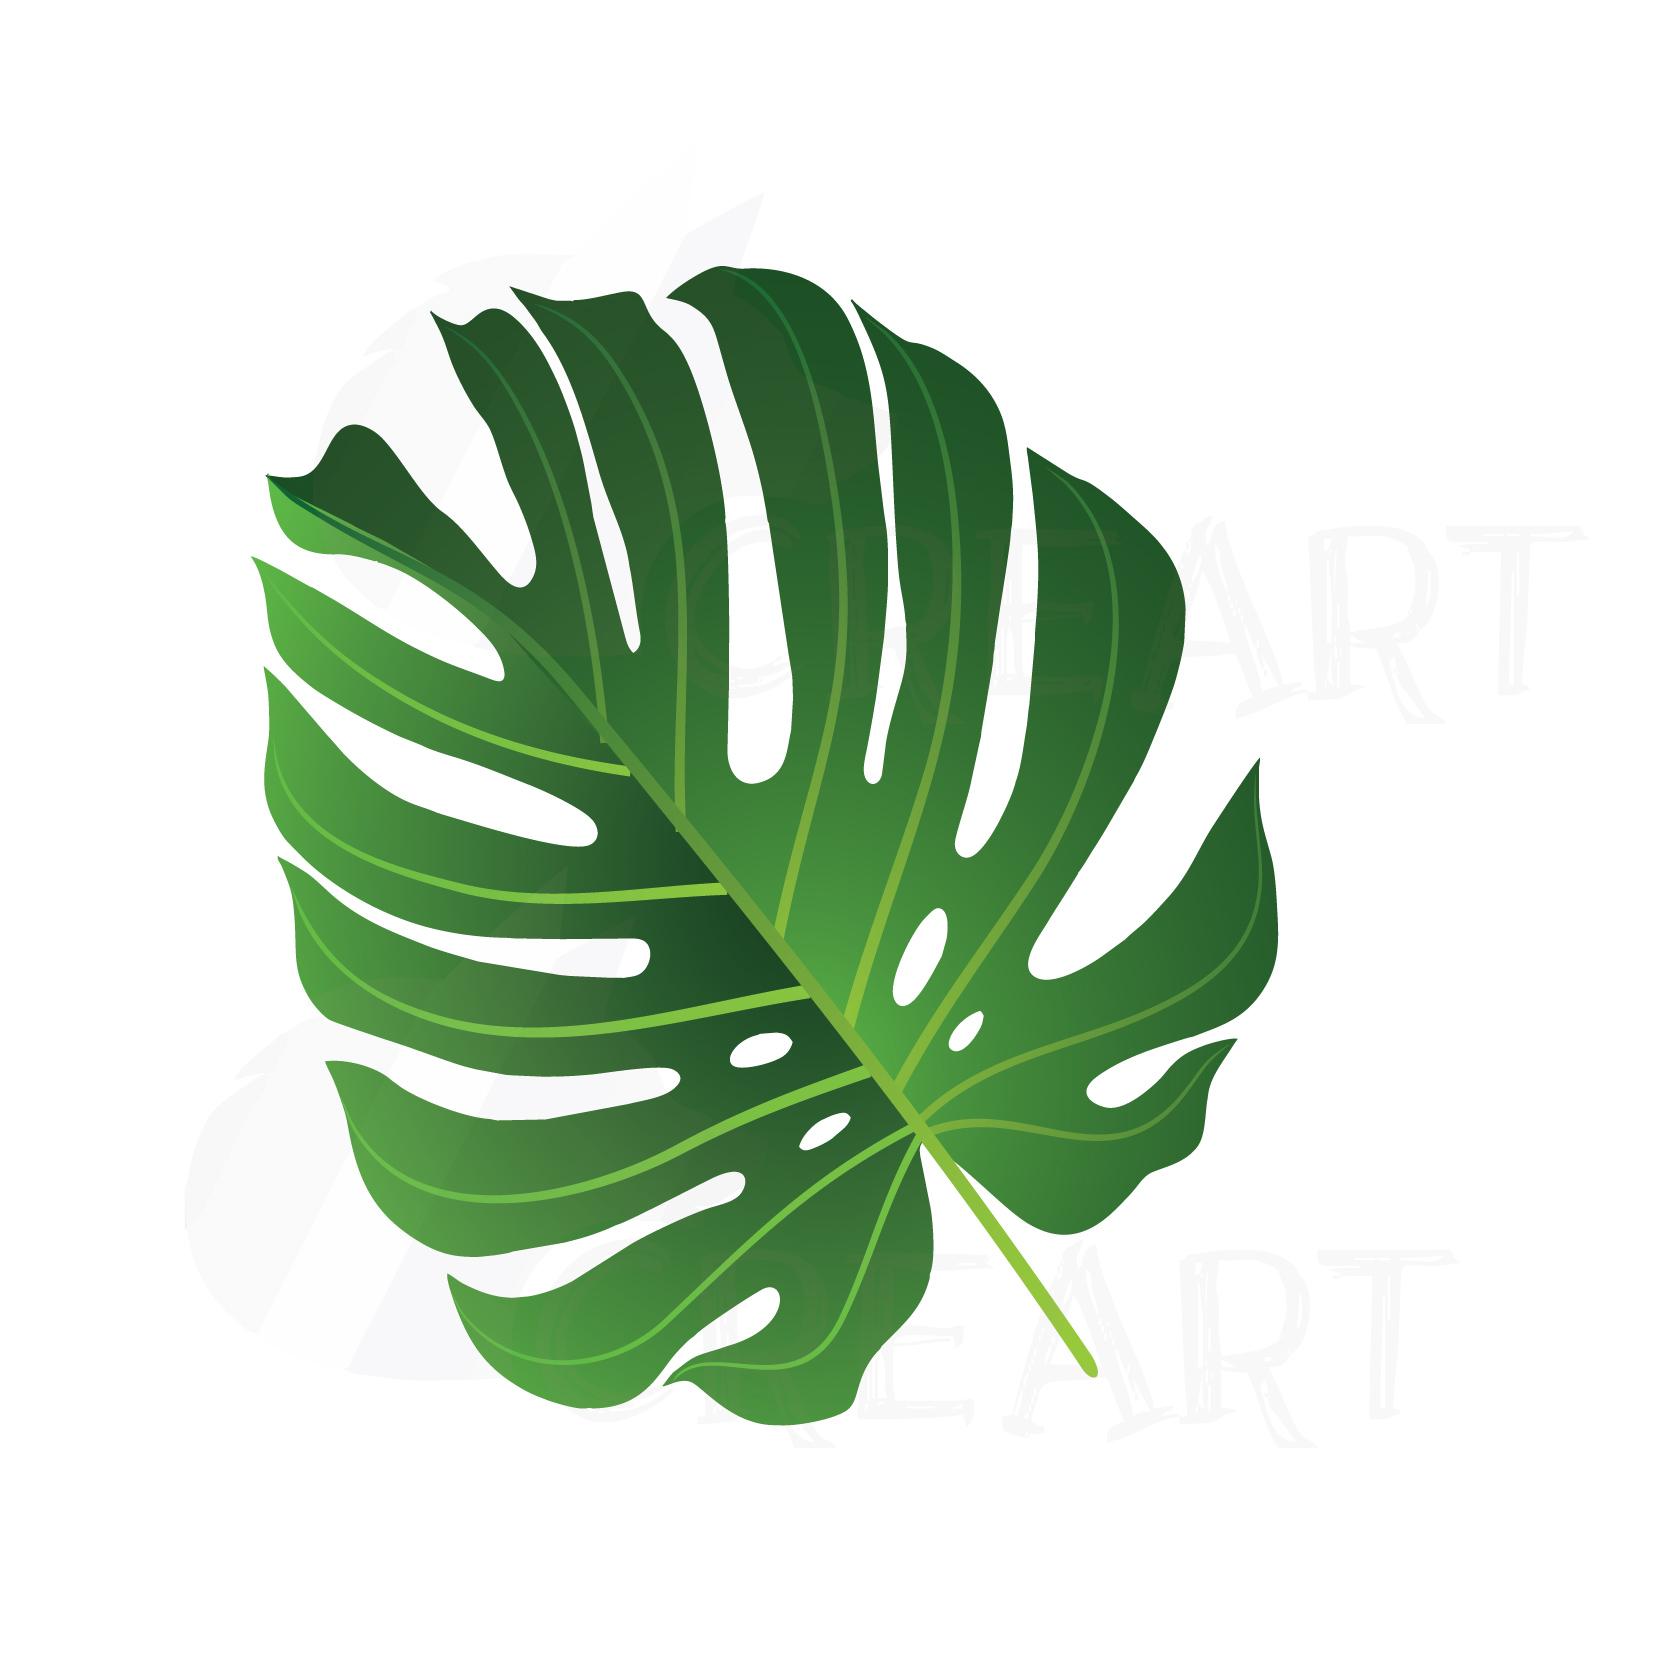 Palm print clipart jpg free download Summer leaf clip art pack, palm leaf collection. Eps, png, jpg, pdf, svg,  vector illustrator & corel files included, instant download jpg free download